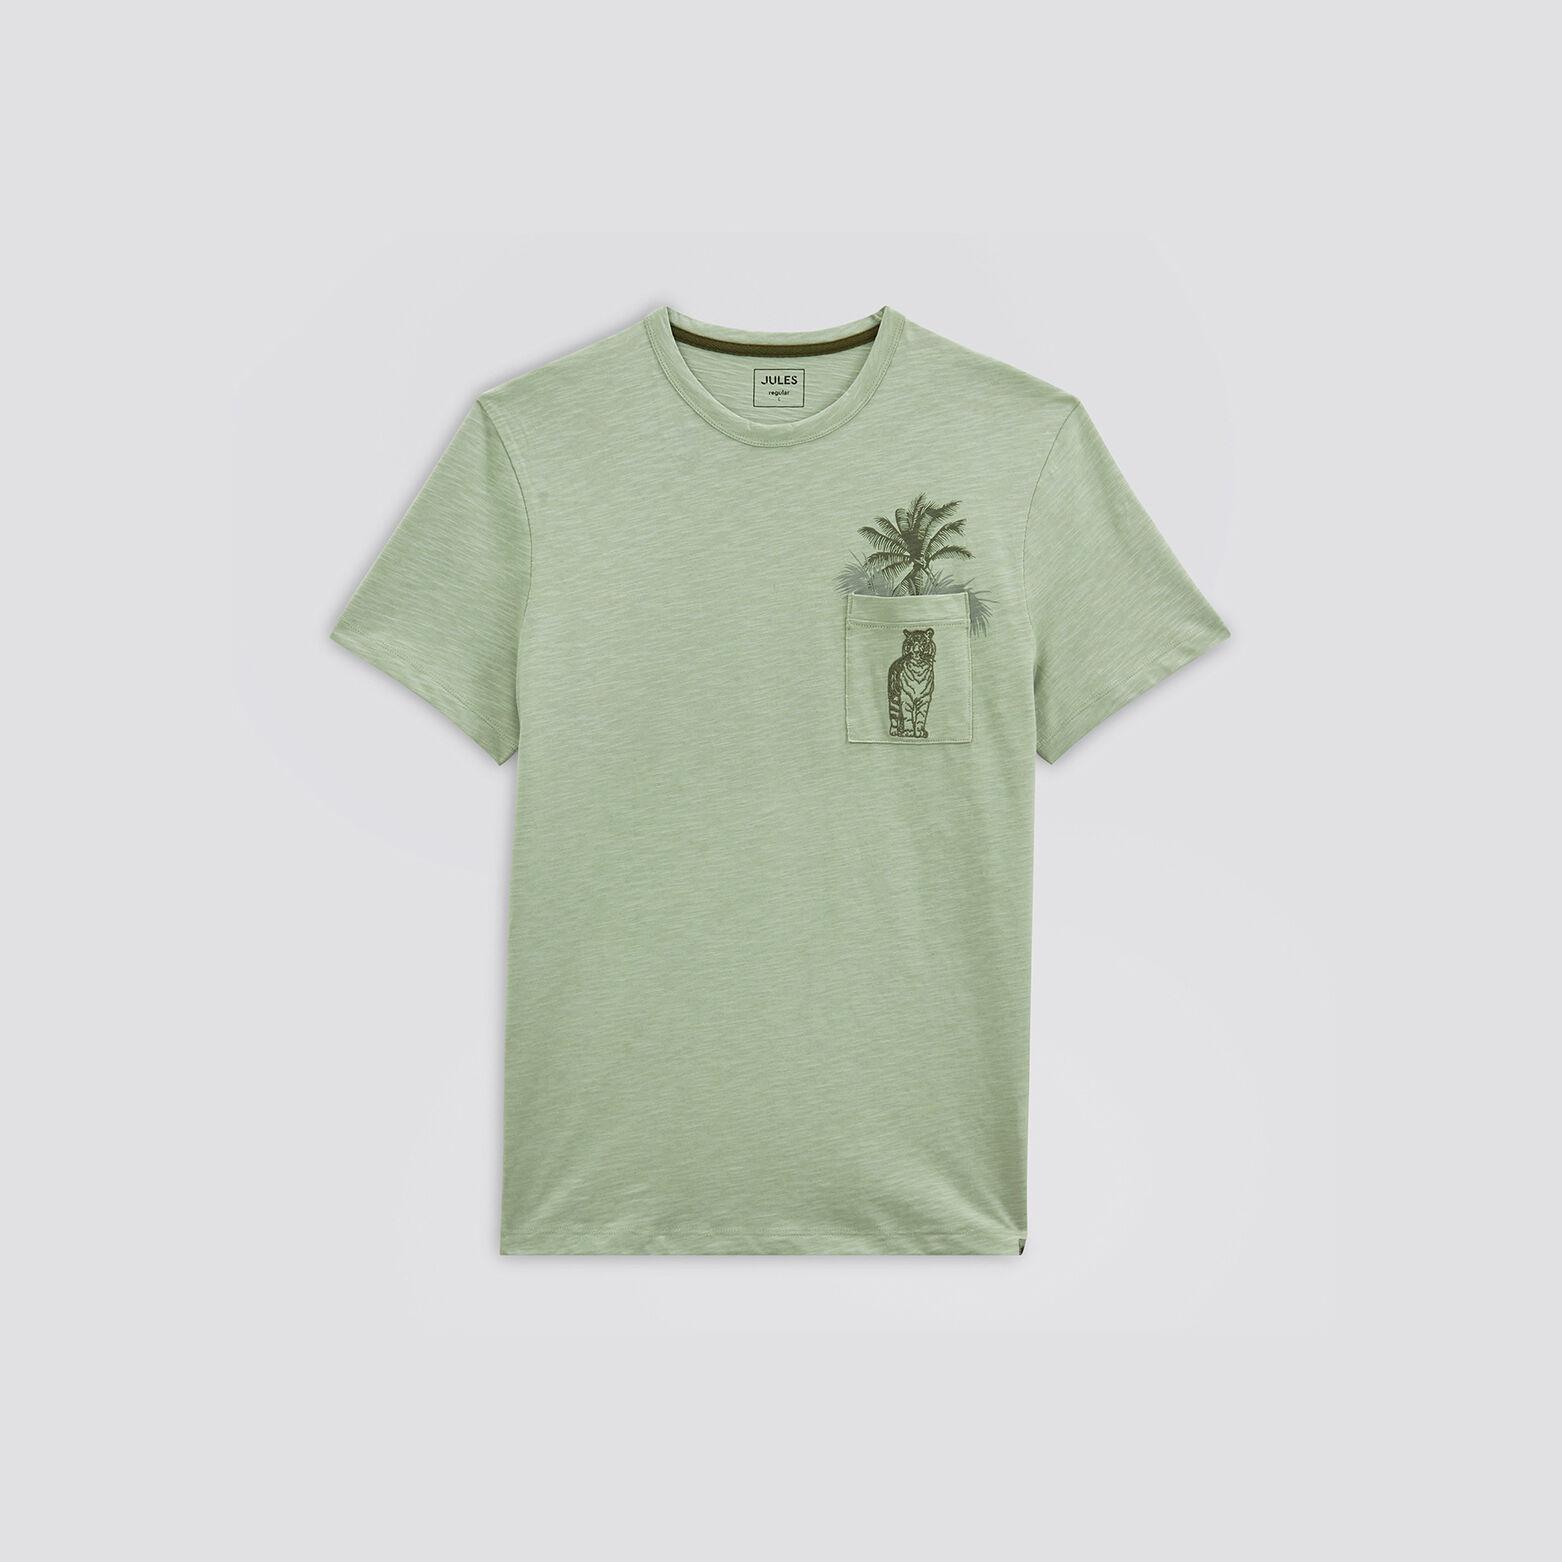 Tee-shirt avec détails fantaisie sur la poche